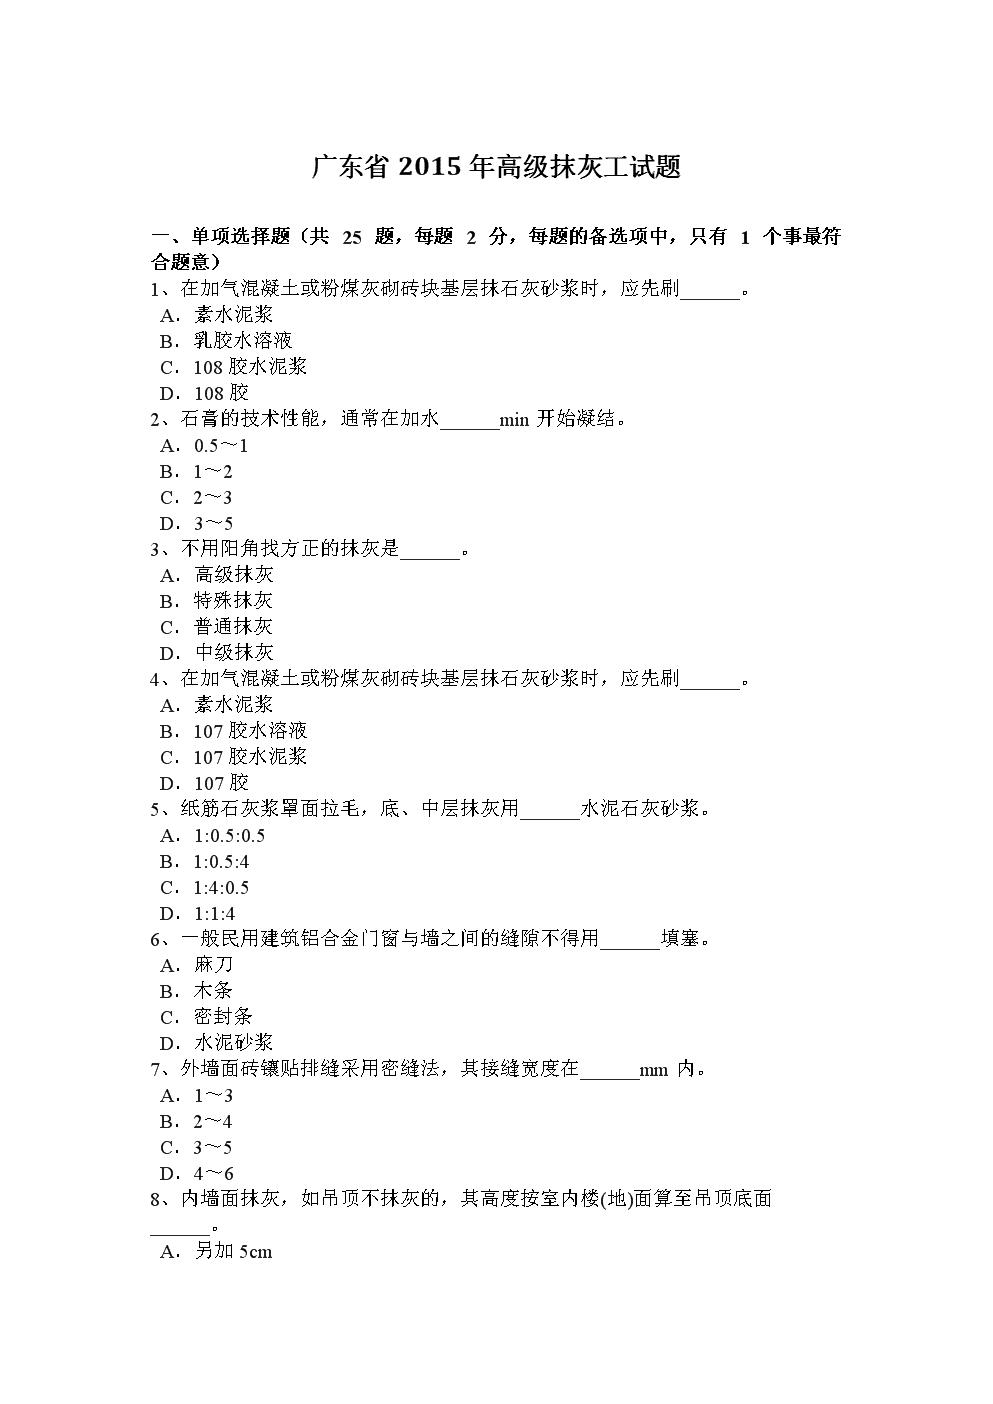 广东省2015年高级抹灰工试题.docx